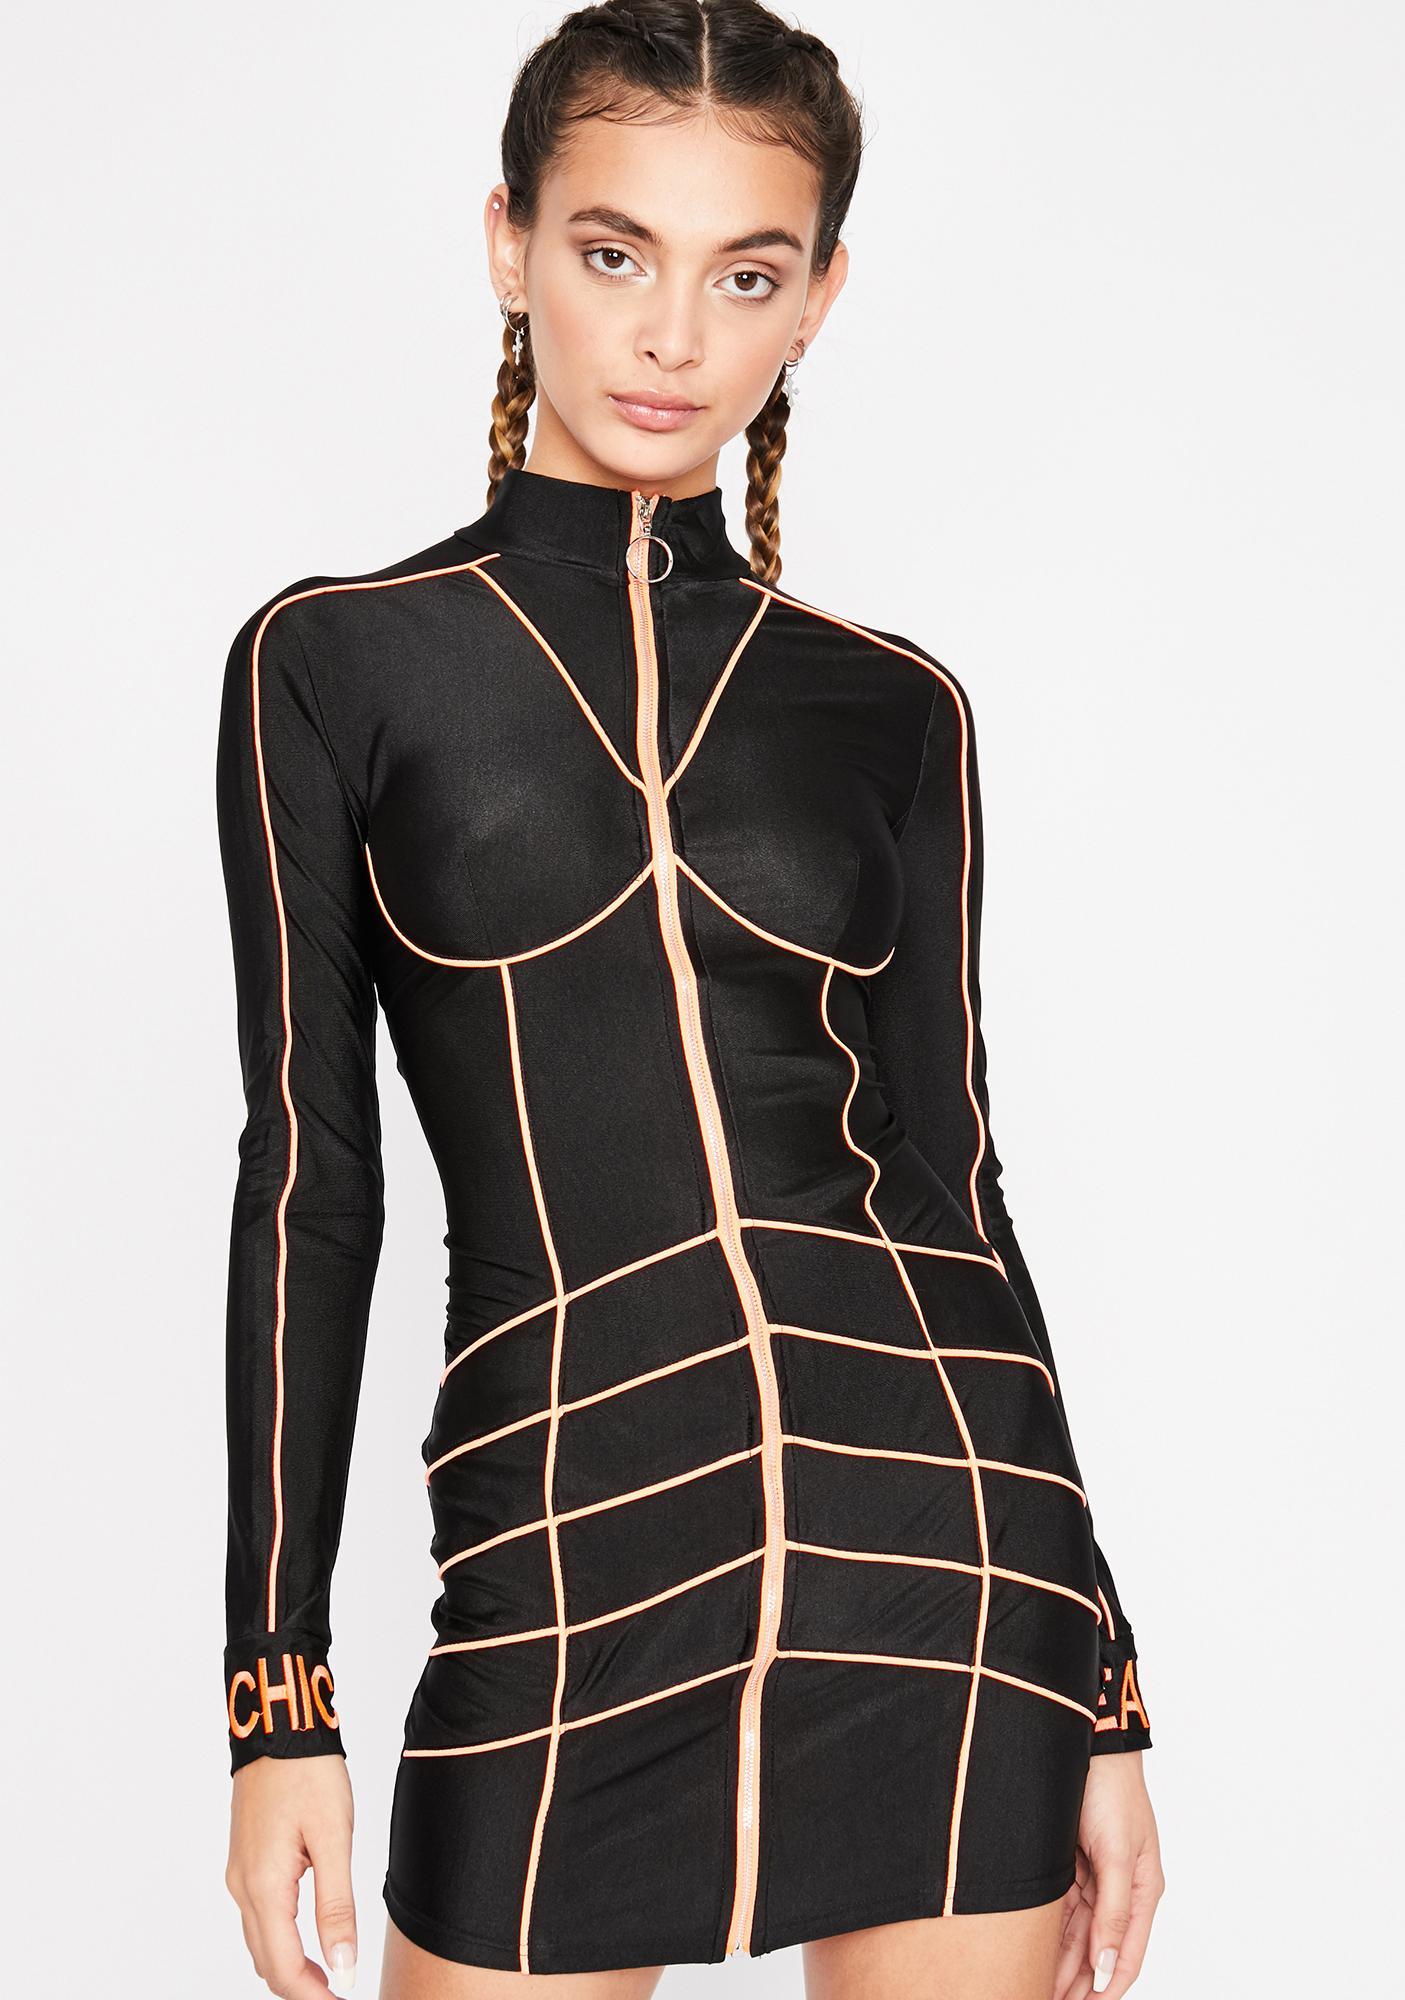 Dark Remix Riot Mini Dress